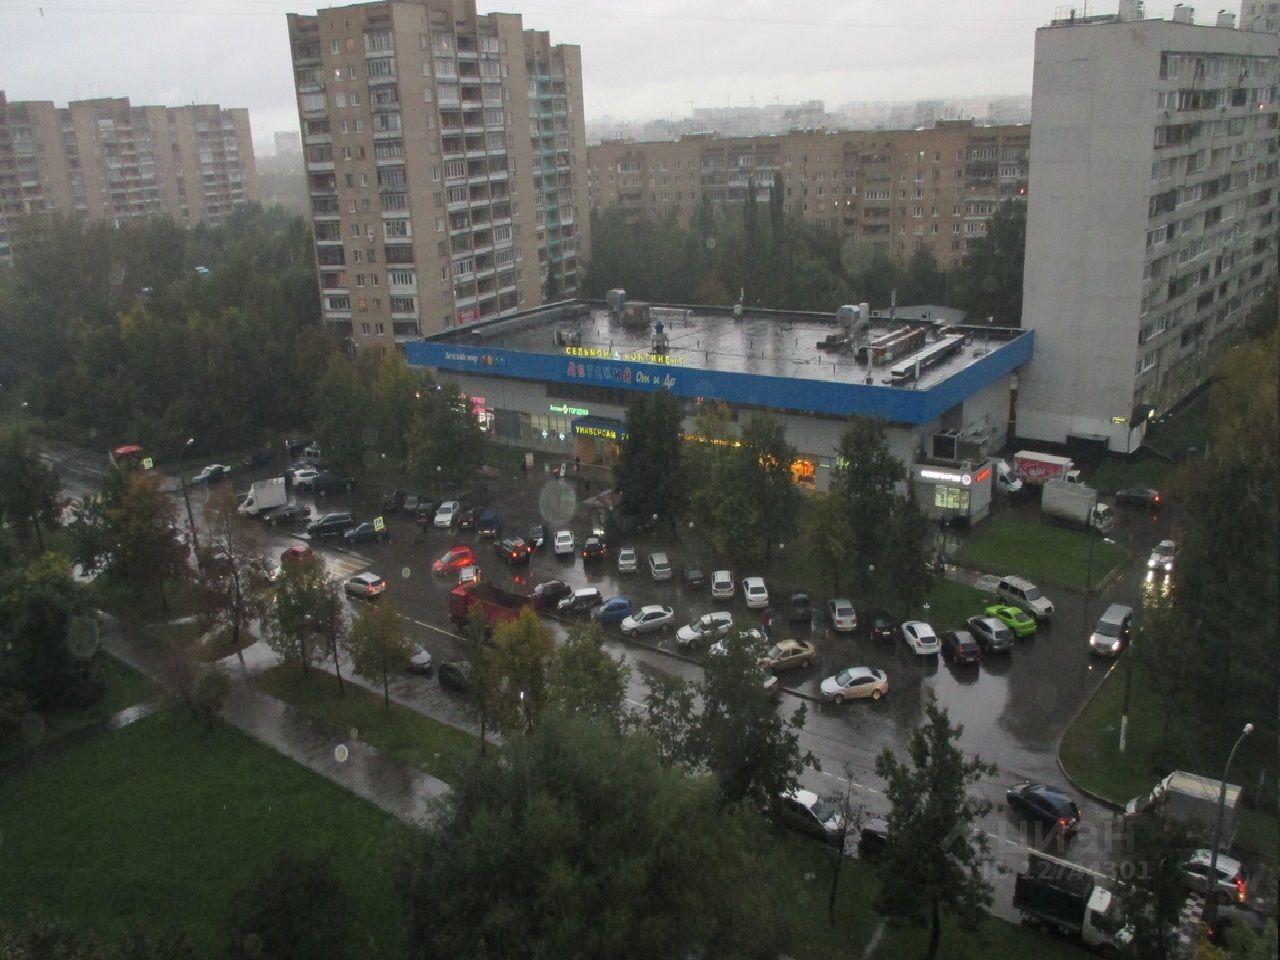 купить двухкомнатную квартиру город Москва, Лебедянская улица, д. 12К1